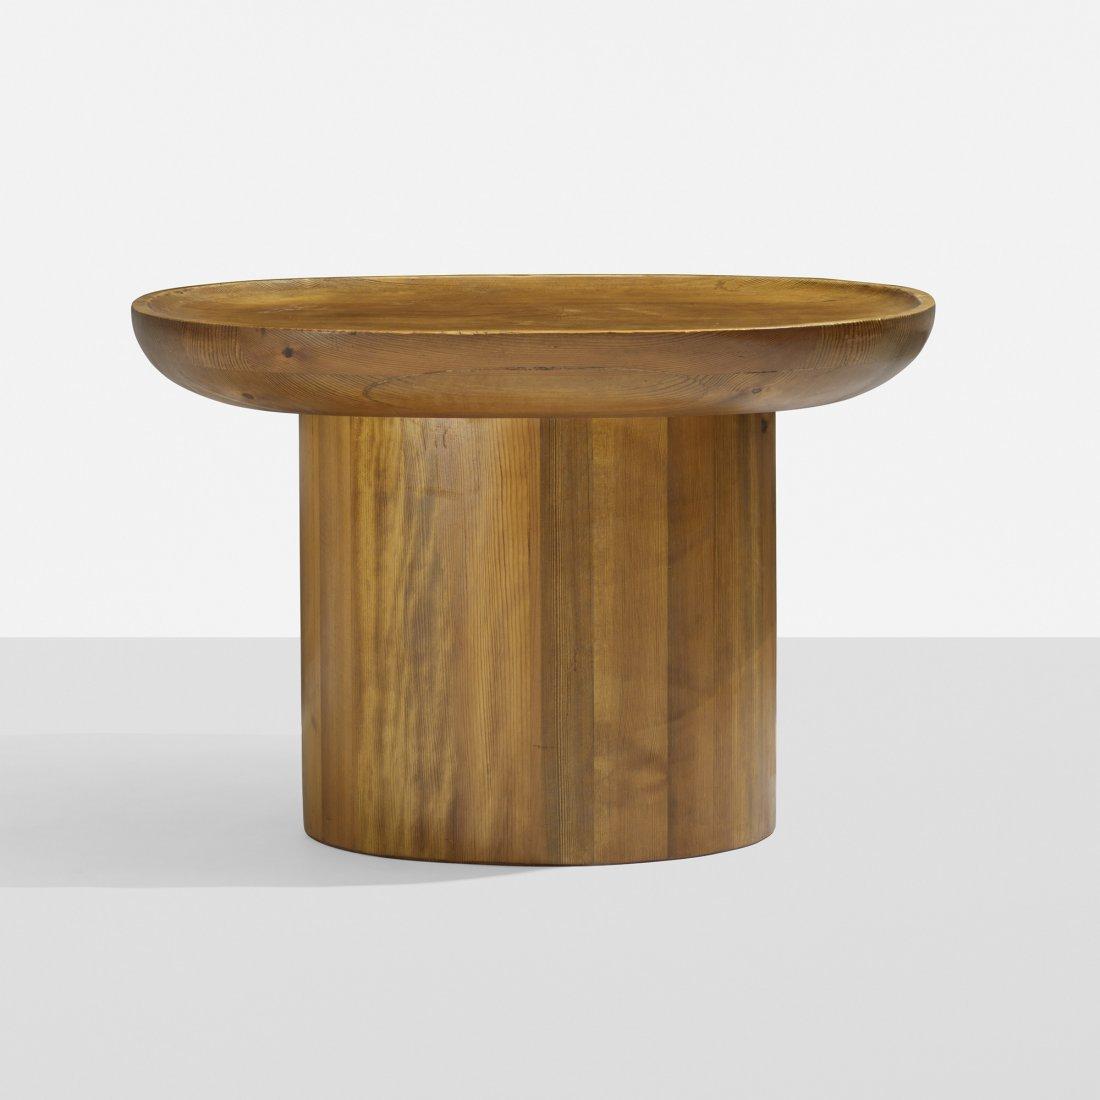 Axel Einar Hjorth Utö table